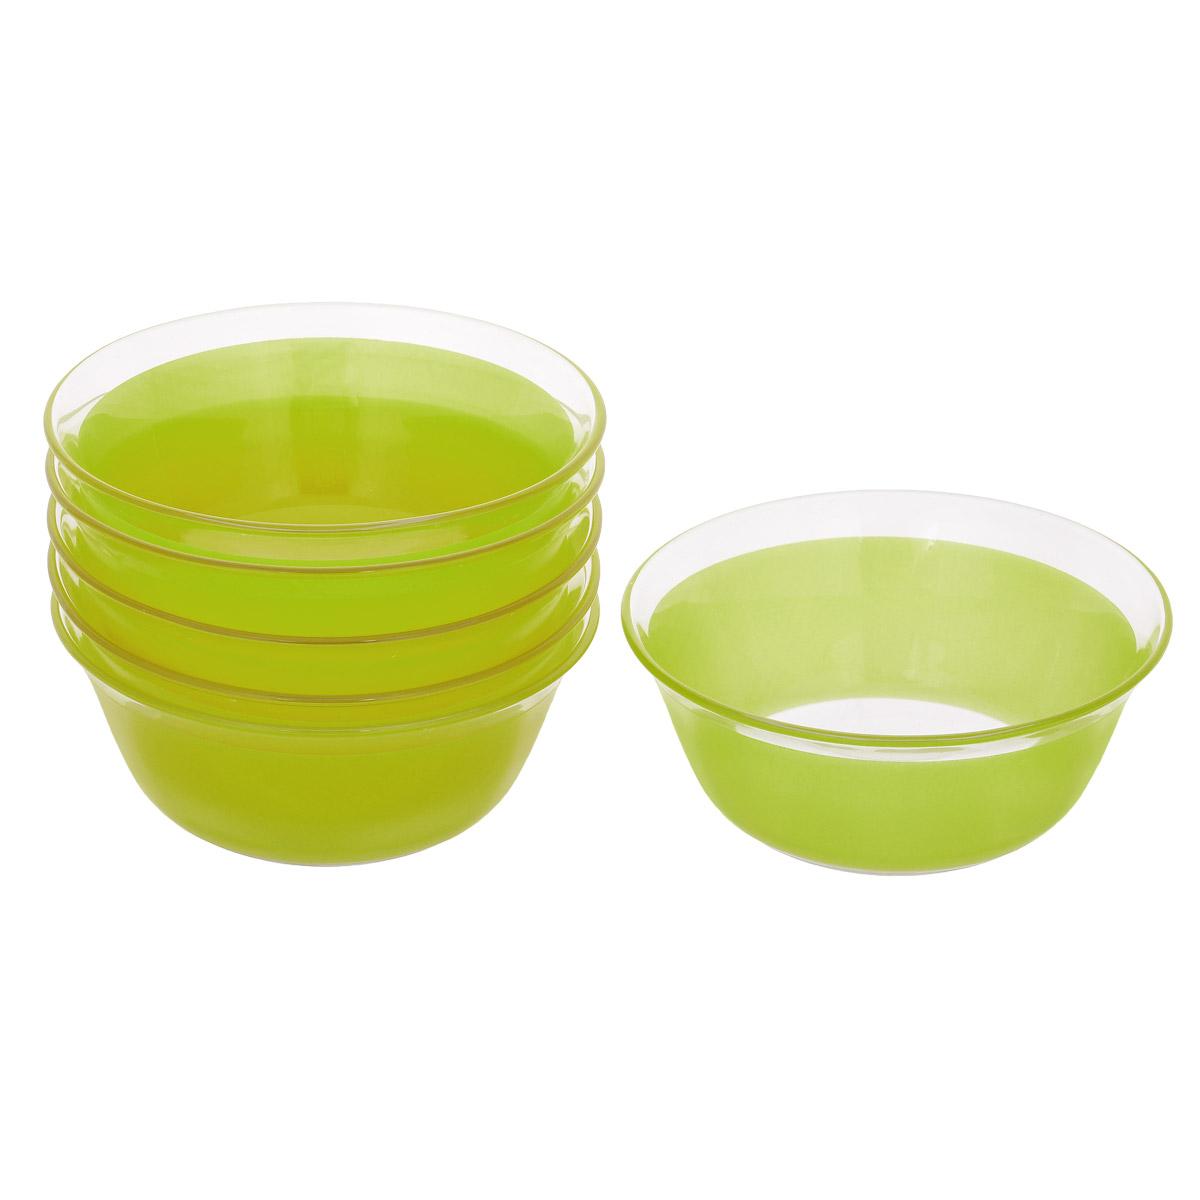 Набор салатников, цвет: зеленый, диаметр 12см, 6 шт. Кт FW50115510Набор салатников, выполненный из стекла, будет уместен на любой кухне и понравится каждой хозяйке. В набор входят шесть салатников, украшенных цветной полосой. Они сочетают в себе изысканный дизайн с максимальной функциональностью. Такой набор салатников придется по вкусу и ценителям классики, и тем, кто предпочитает утонченность и изящность.